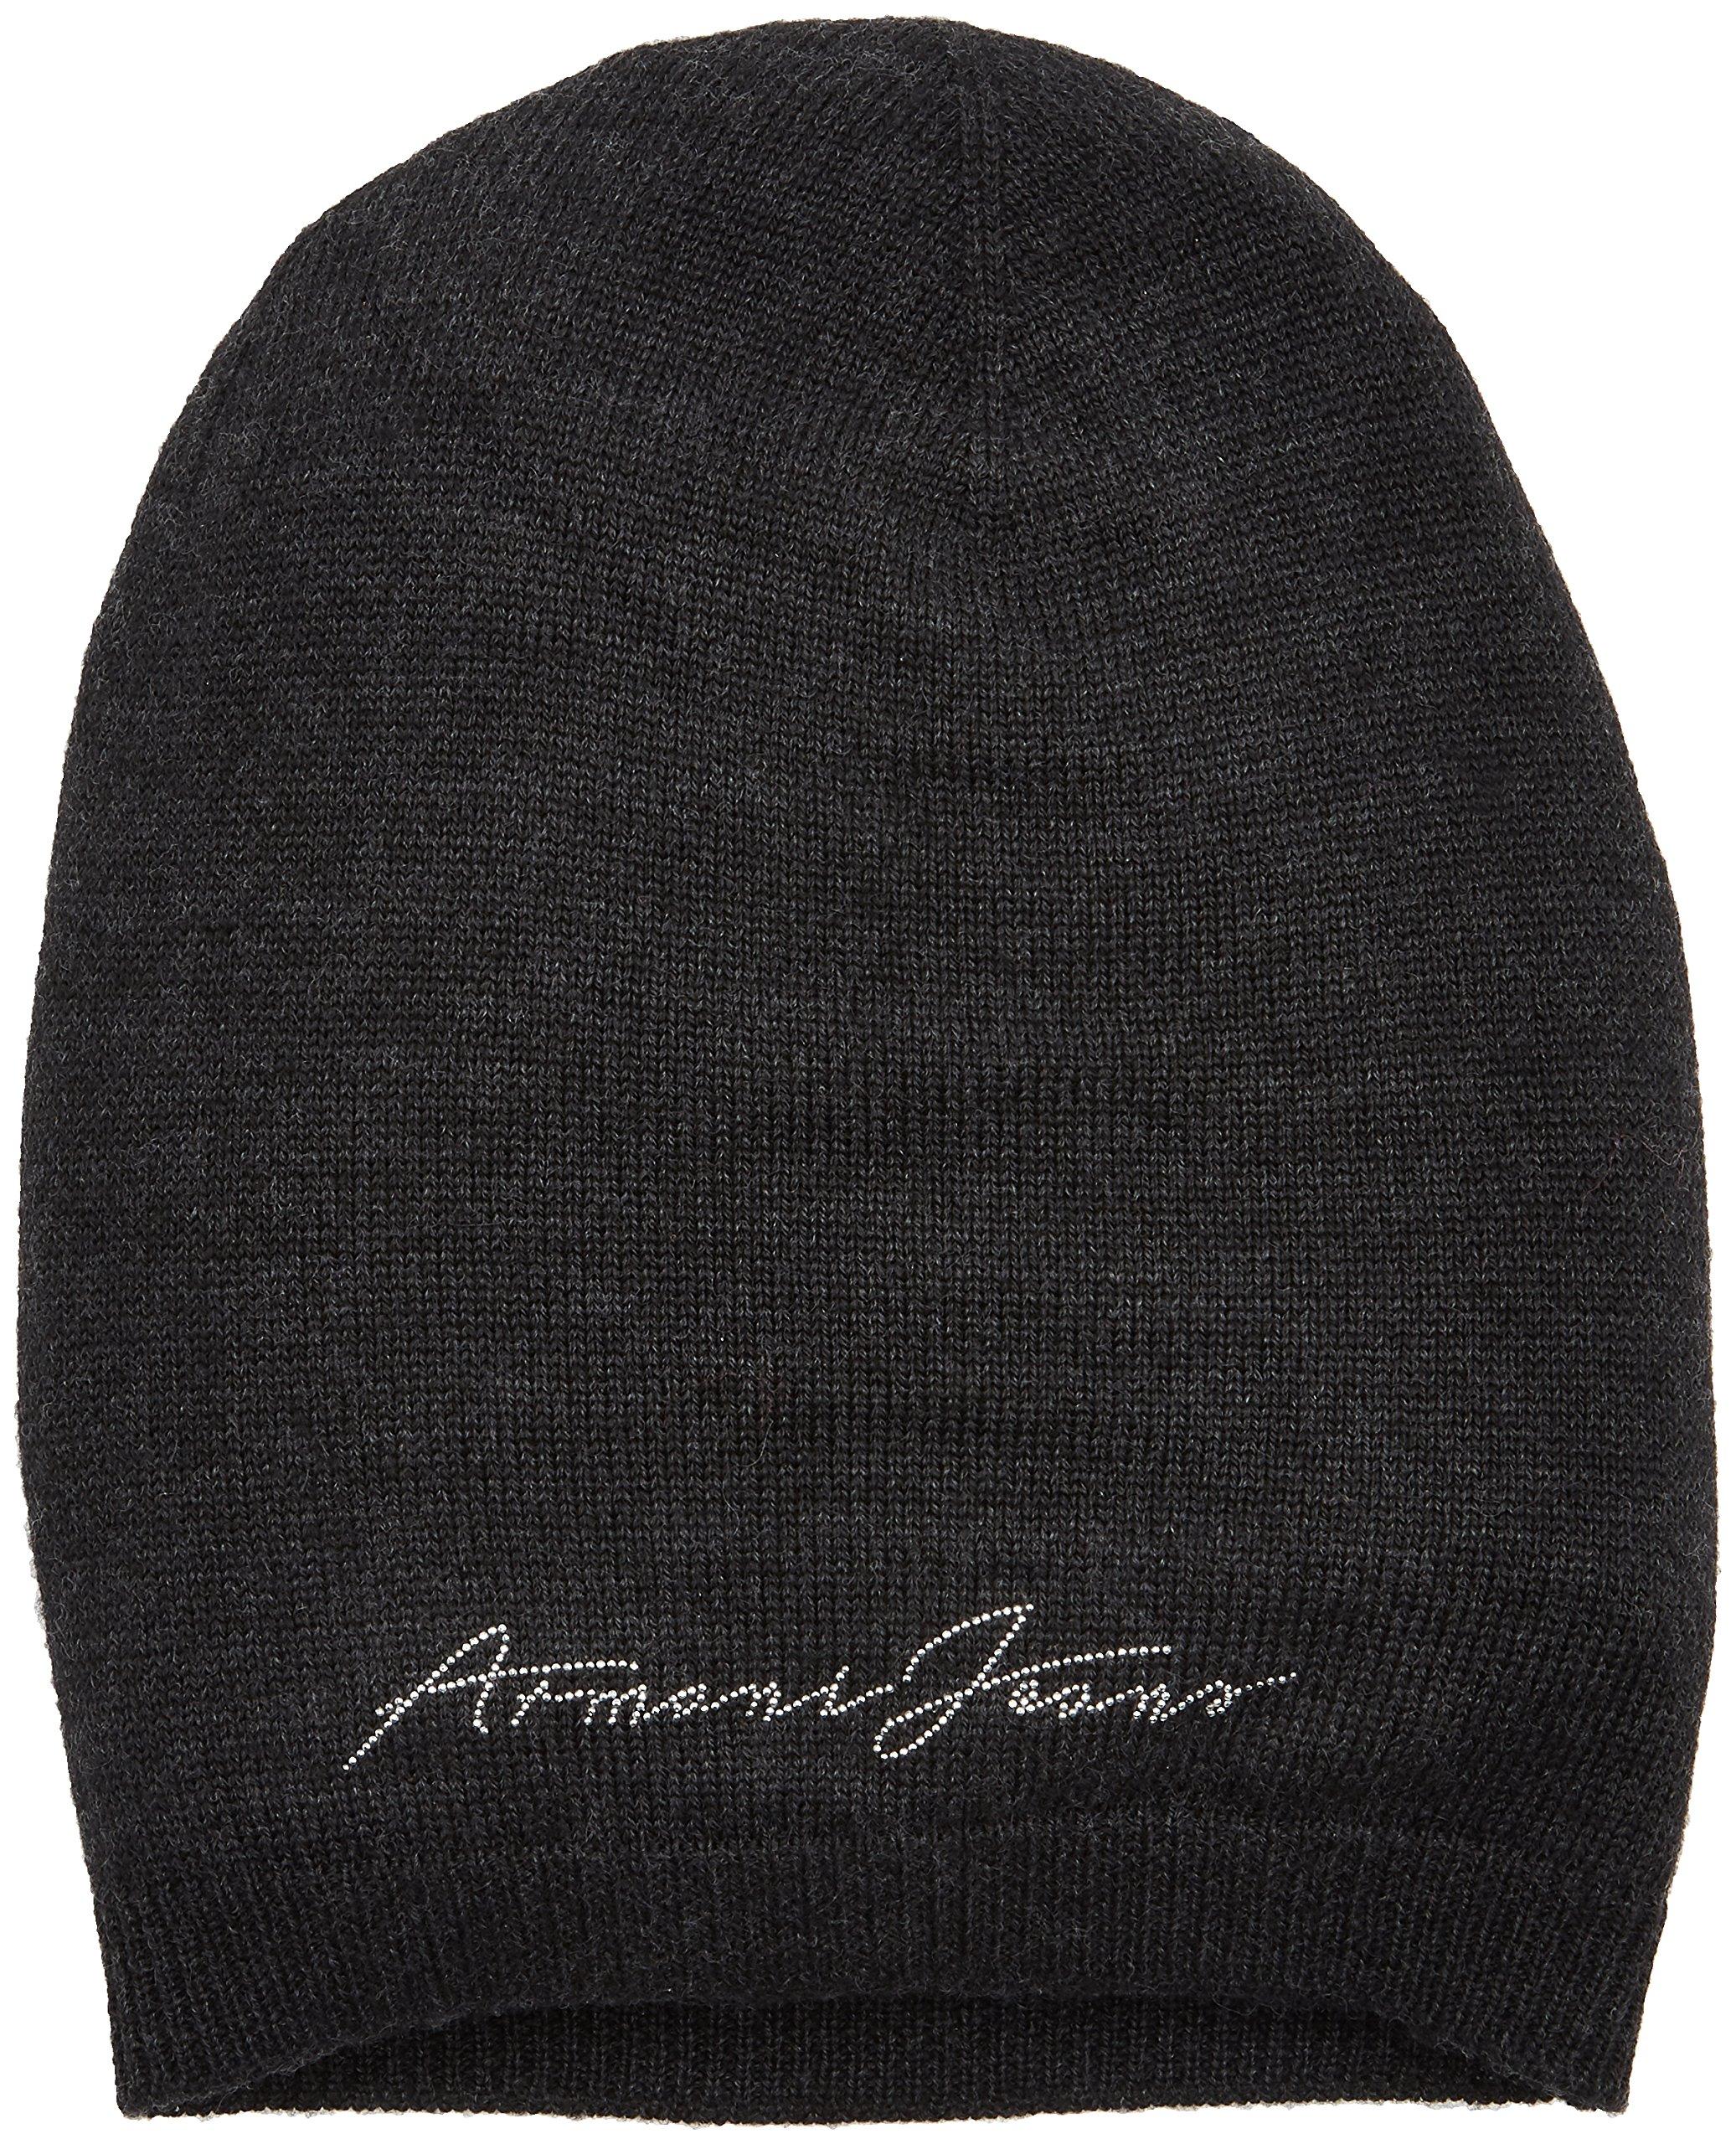 Armani Jeans Women's Logo Knit Beanie, Dark Grey, One Size